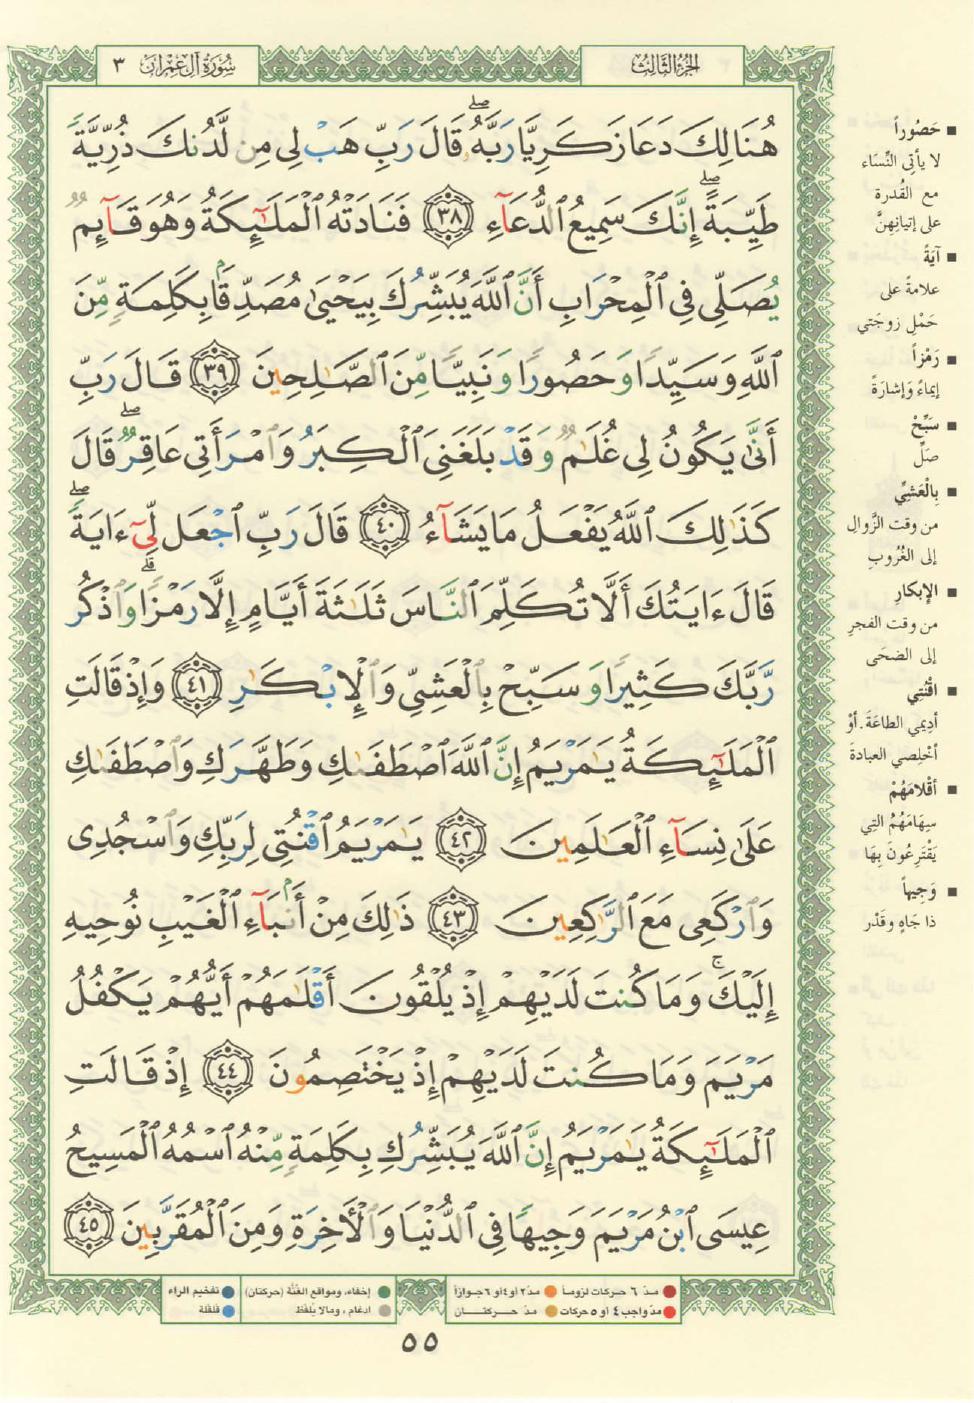 3. سورة آل عمران - Al-Imran مصورة من المصحف الشريف Quran_tajwid_000064